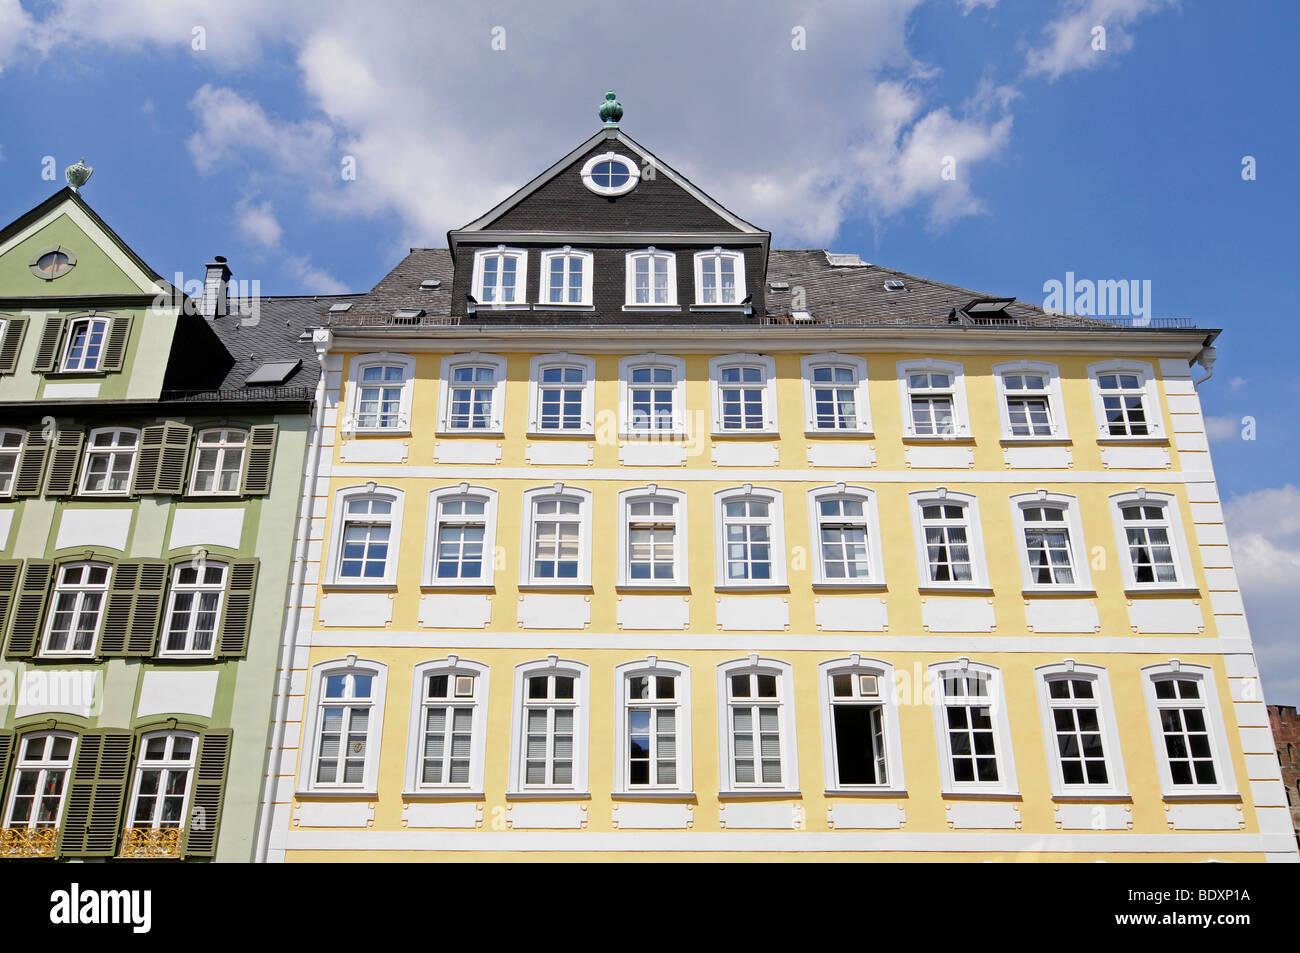 Wetzlar Altstadt Stock Photos & Wetzlar Altstadt Stock Images - Alamy